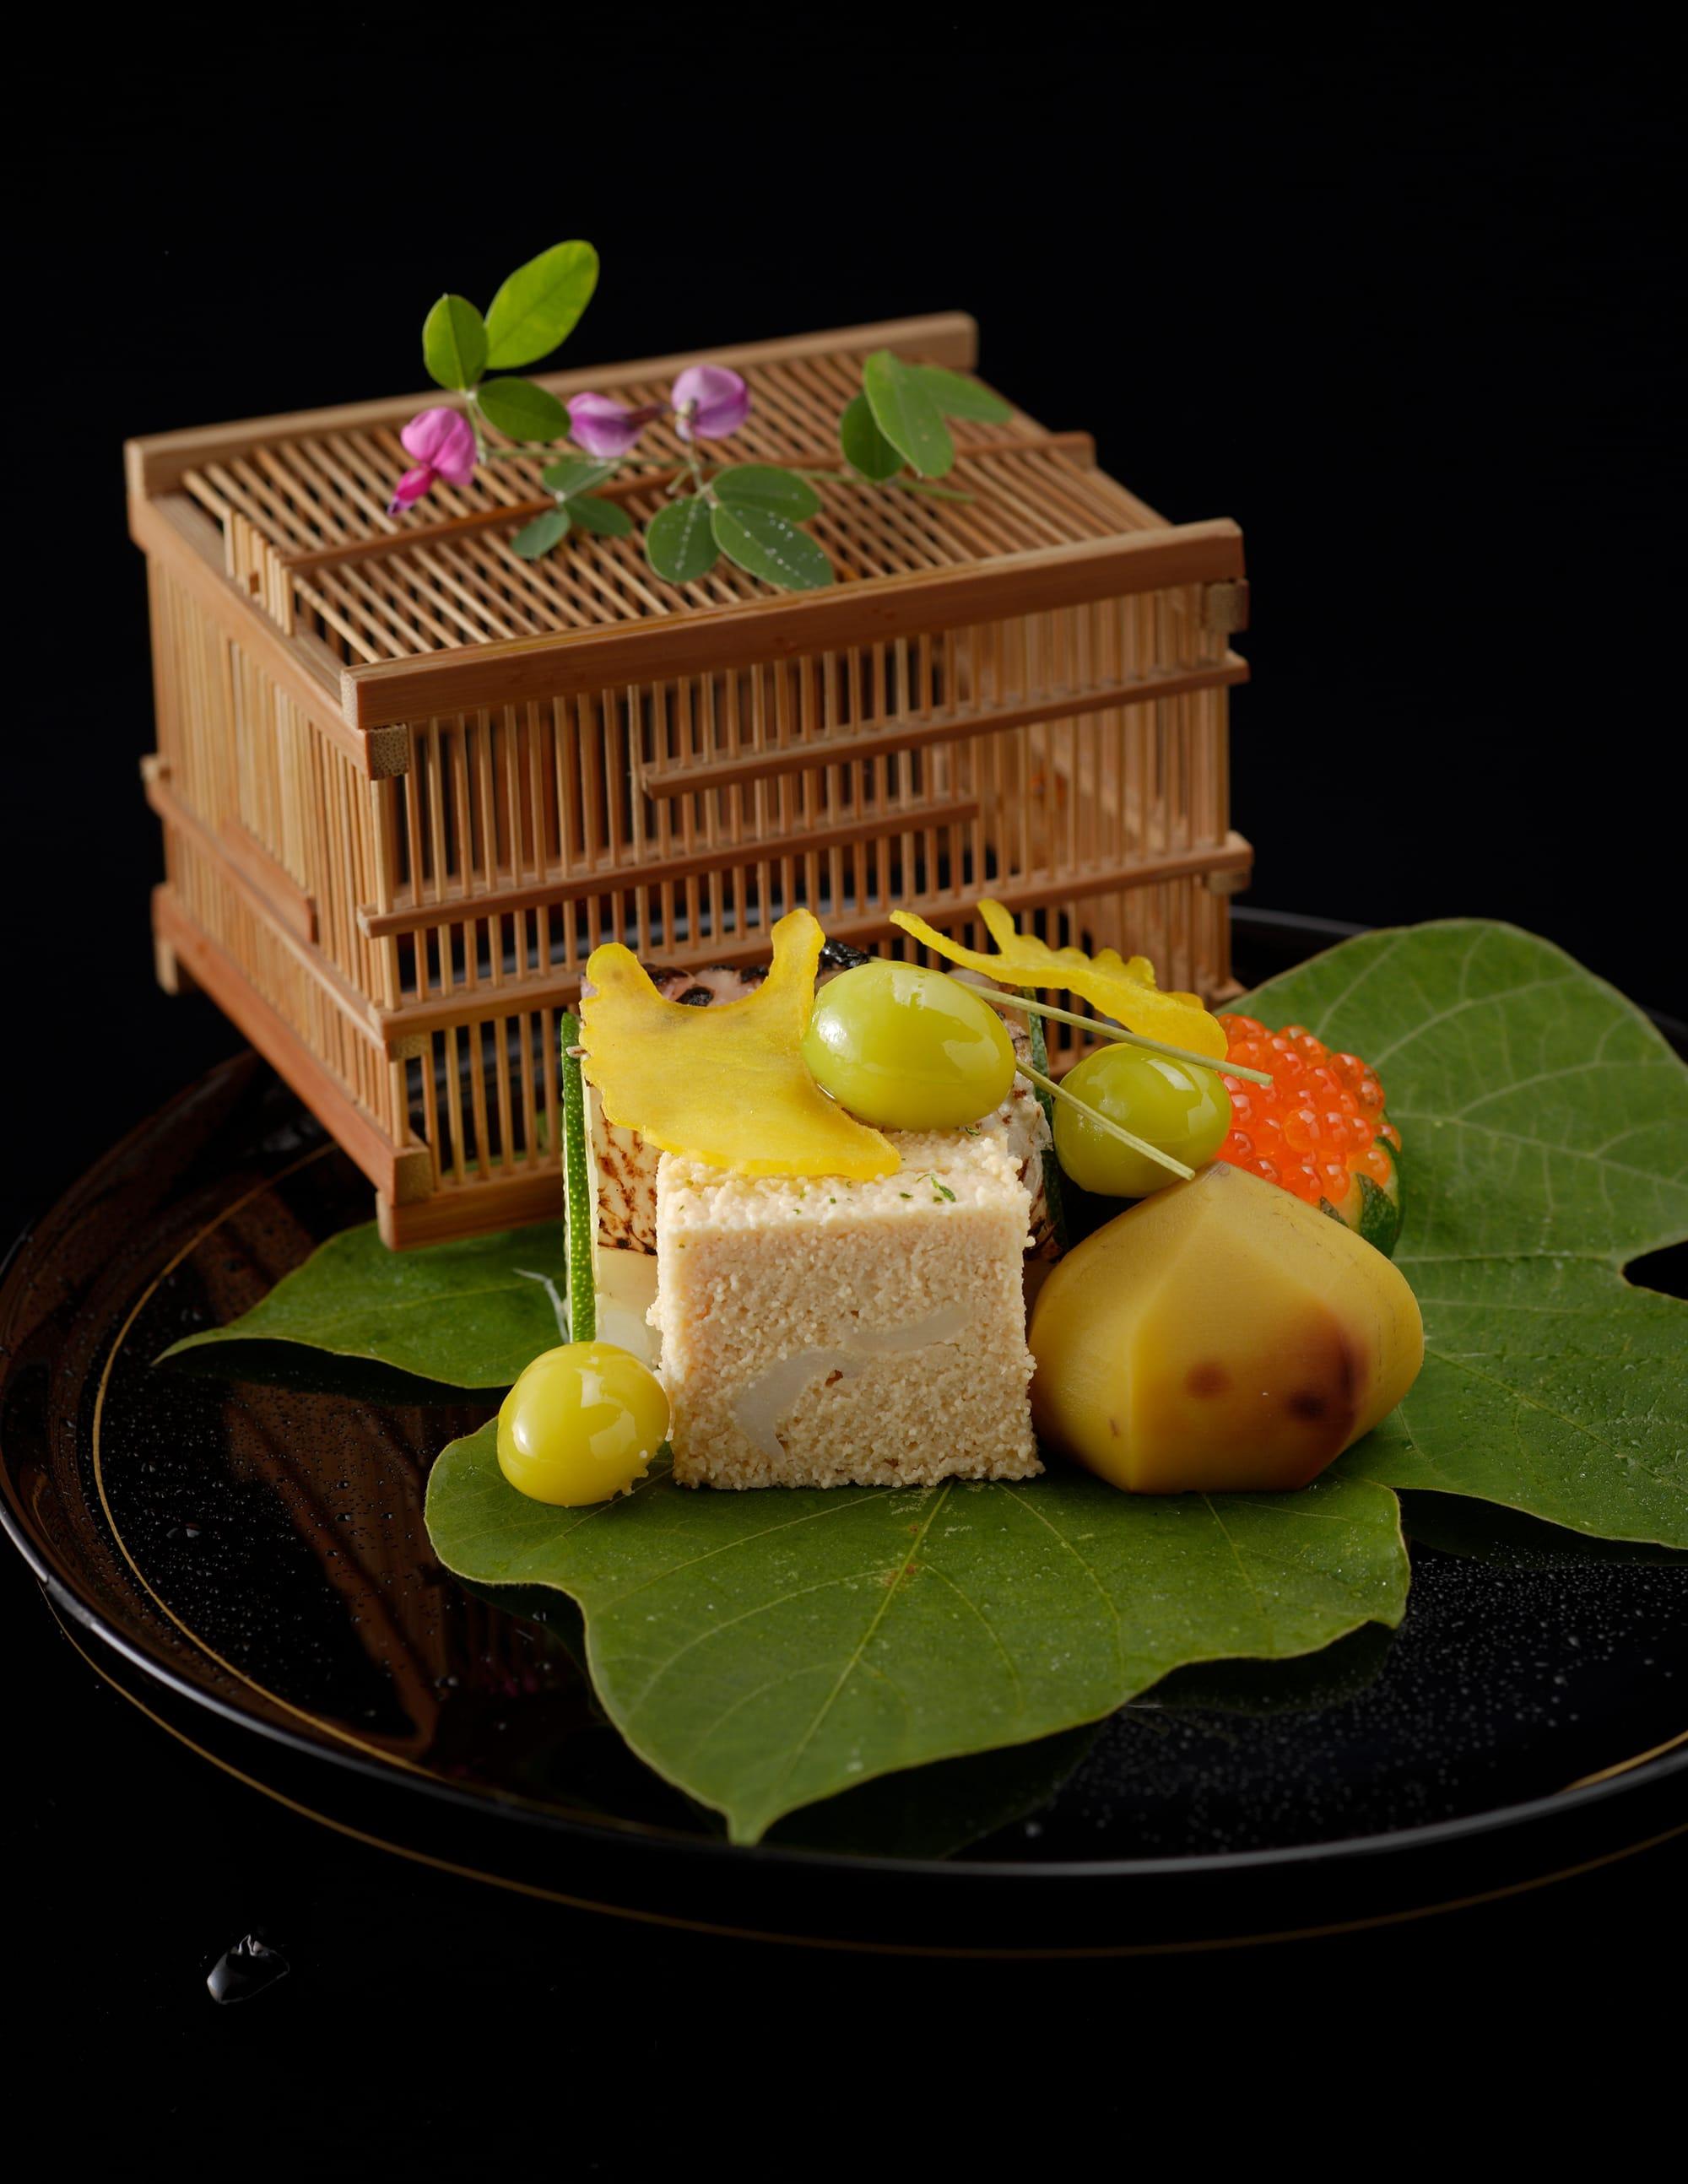 9月の八寸。一世紀にわたり受け継がれてきた菊乃井の料理。四季折々の日本食材を際立たせる手法で調理し、丁寧かつ精巧に盛り付けられている。